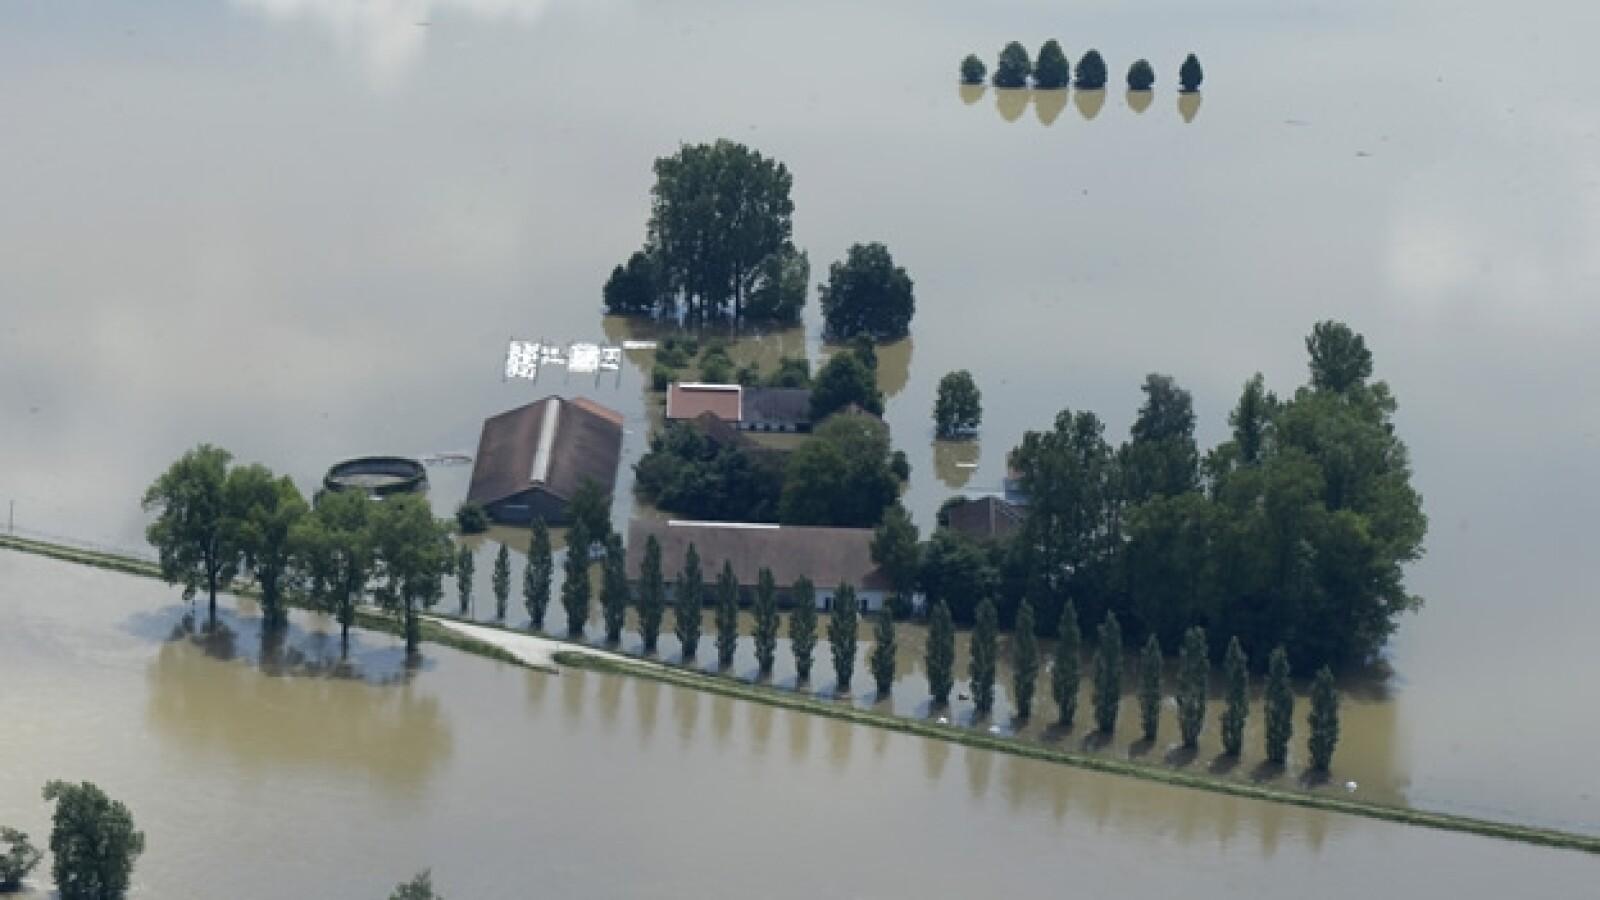 vista aerea de ciudad deggendorf  inundada